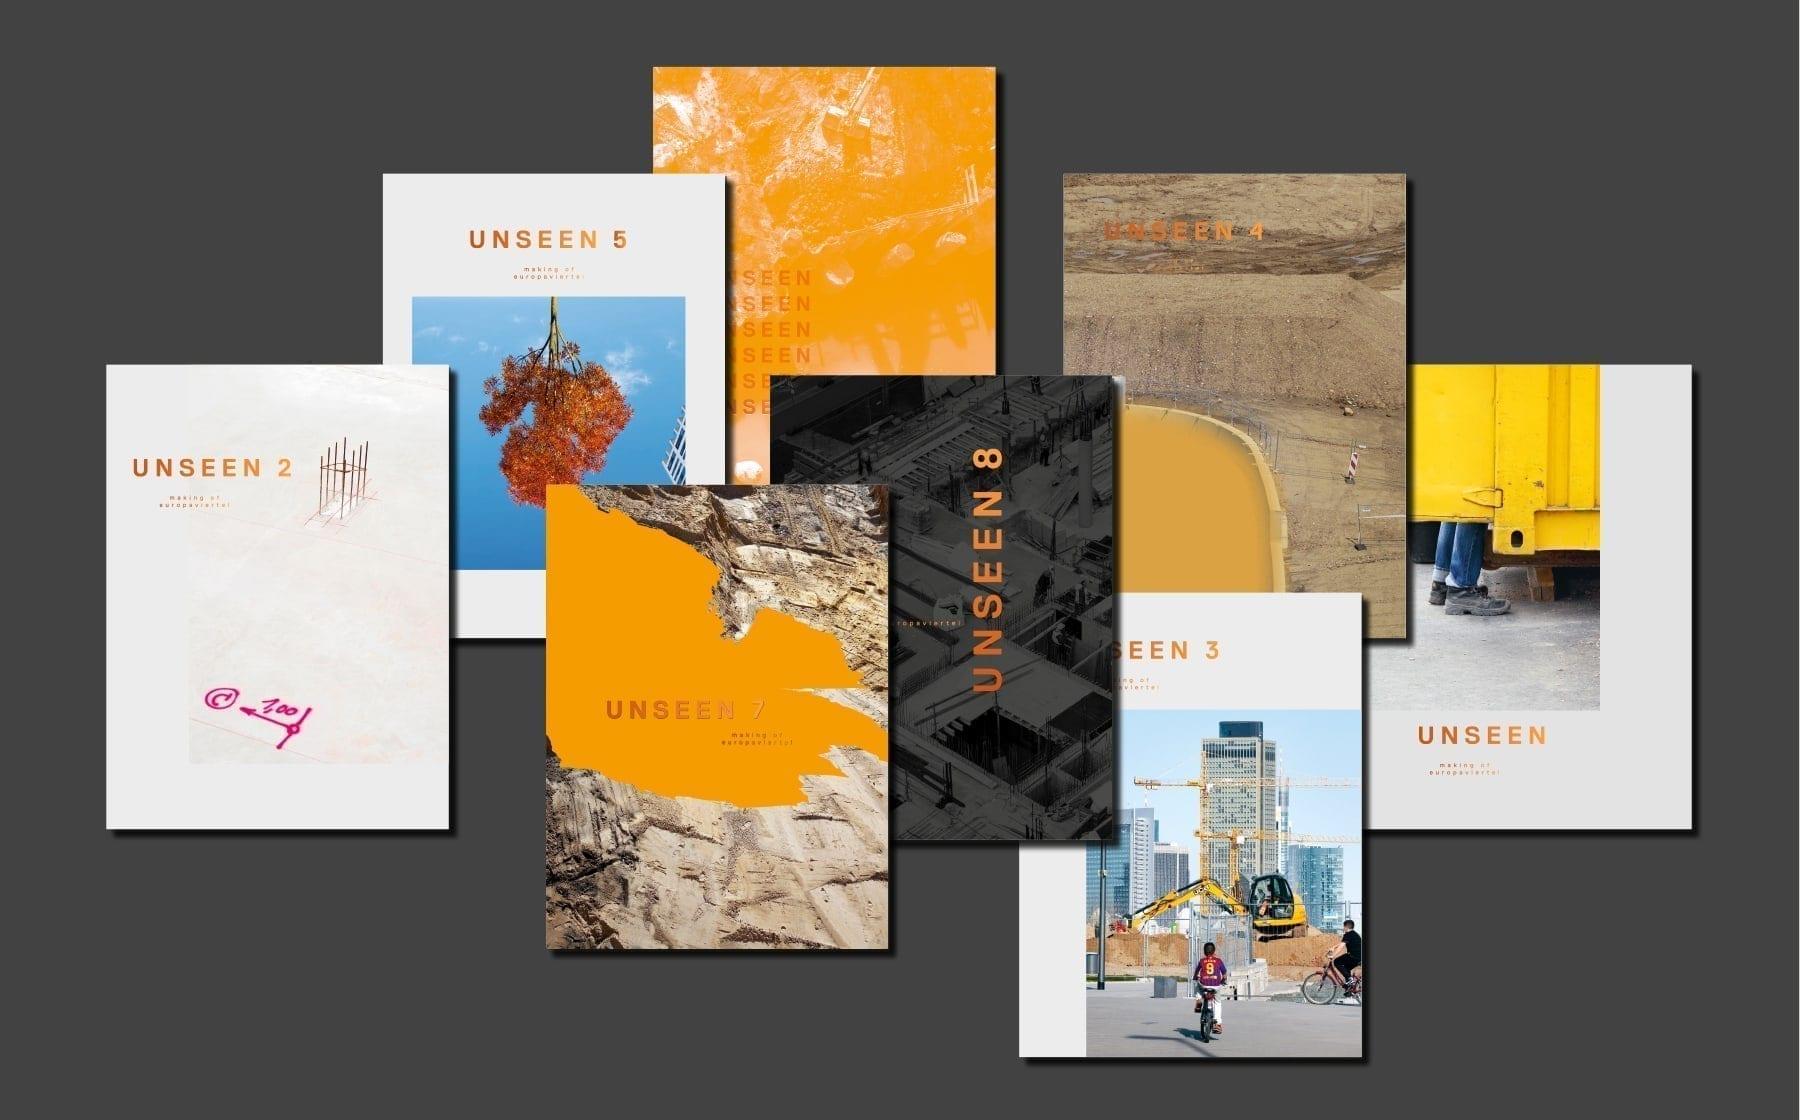 Buchcover der Serie: UNSEEN - making of europaviertel Eine fotografische Dokumentation